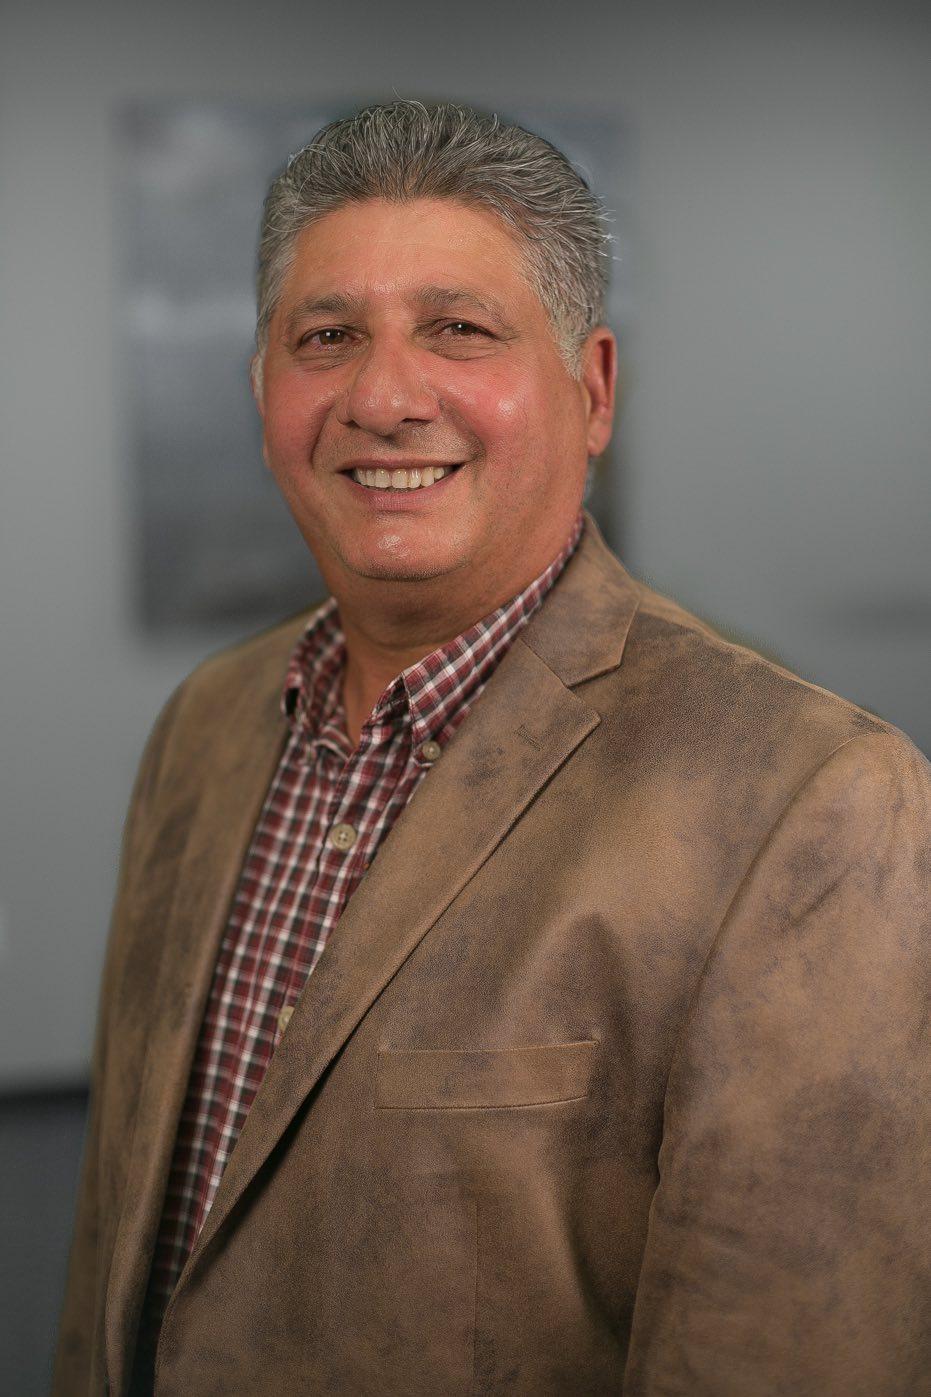 John Delgado